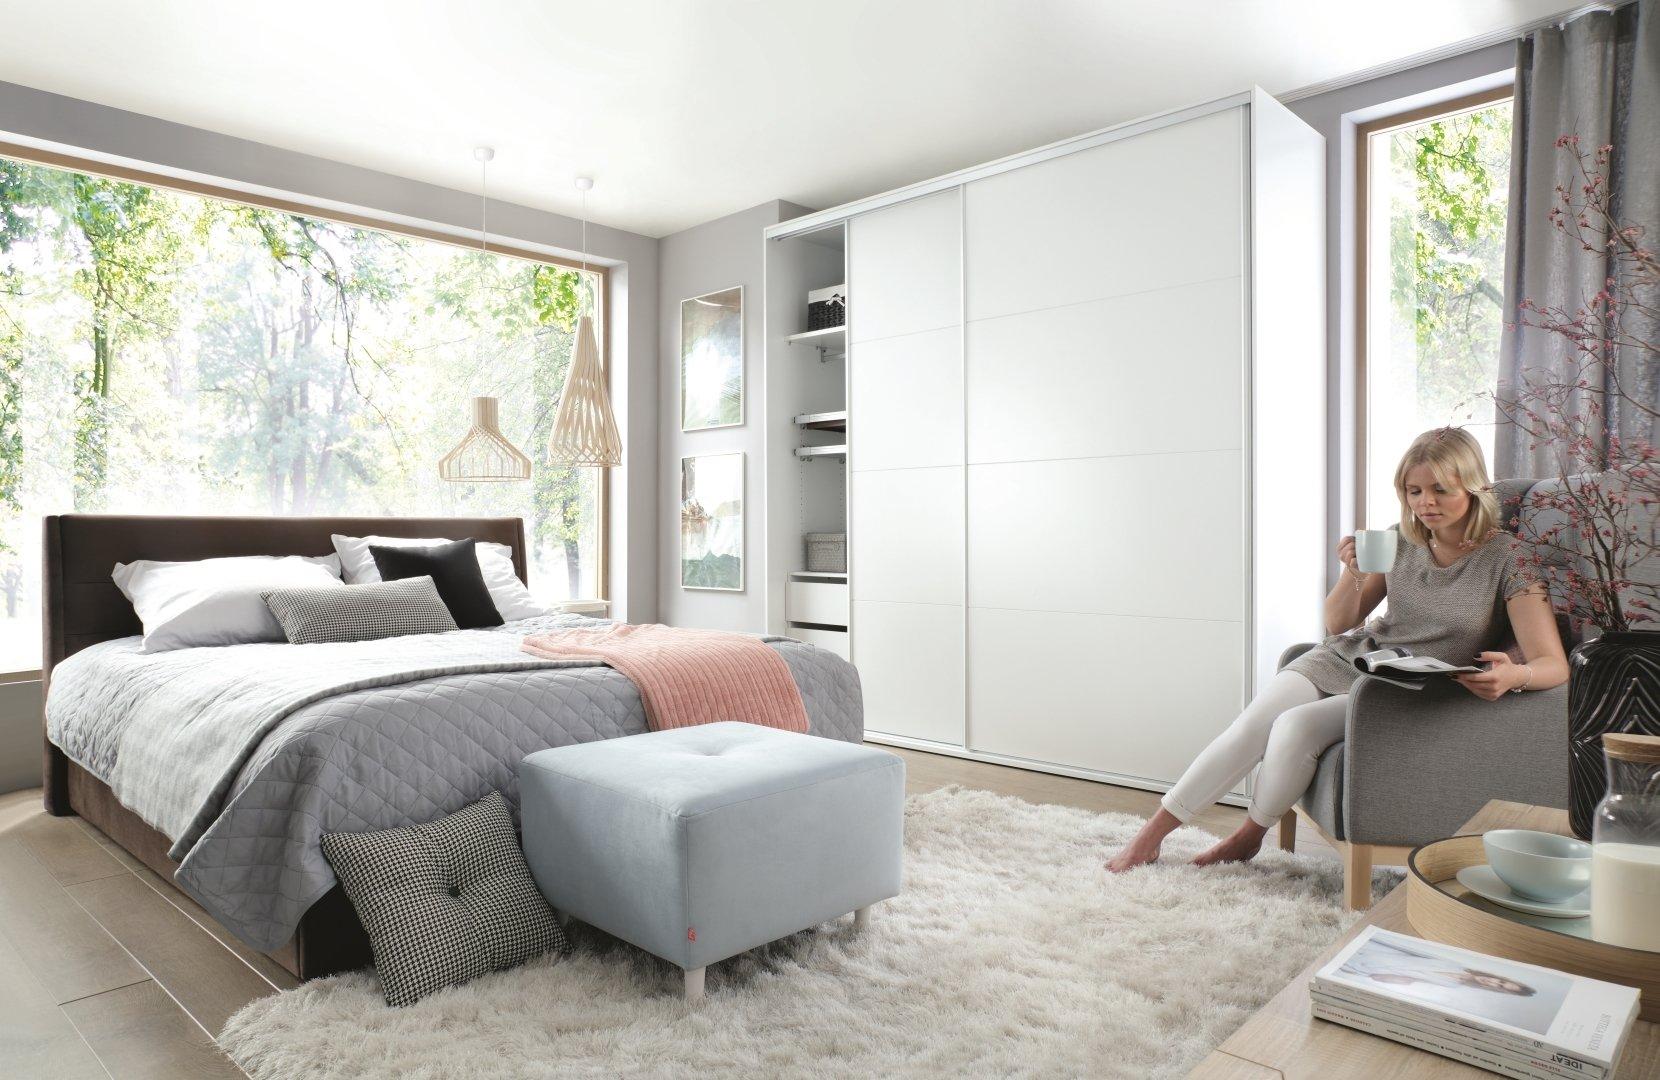 Domowe projektantki - 3 kroki do stworzenia szafy idealnej